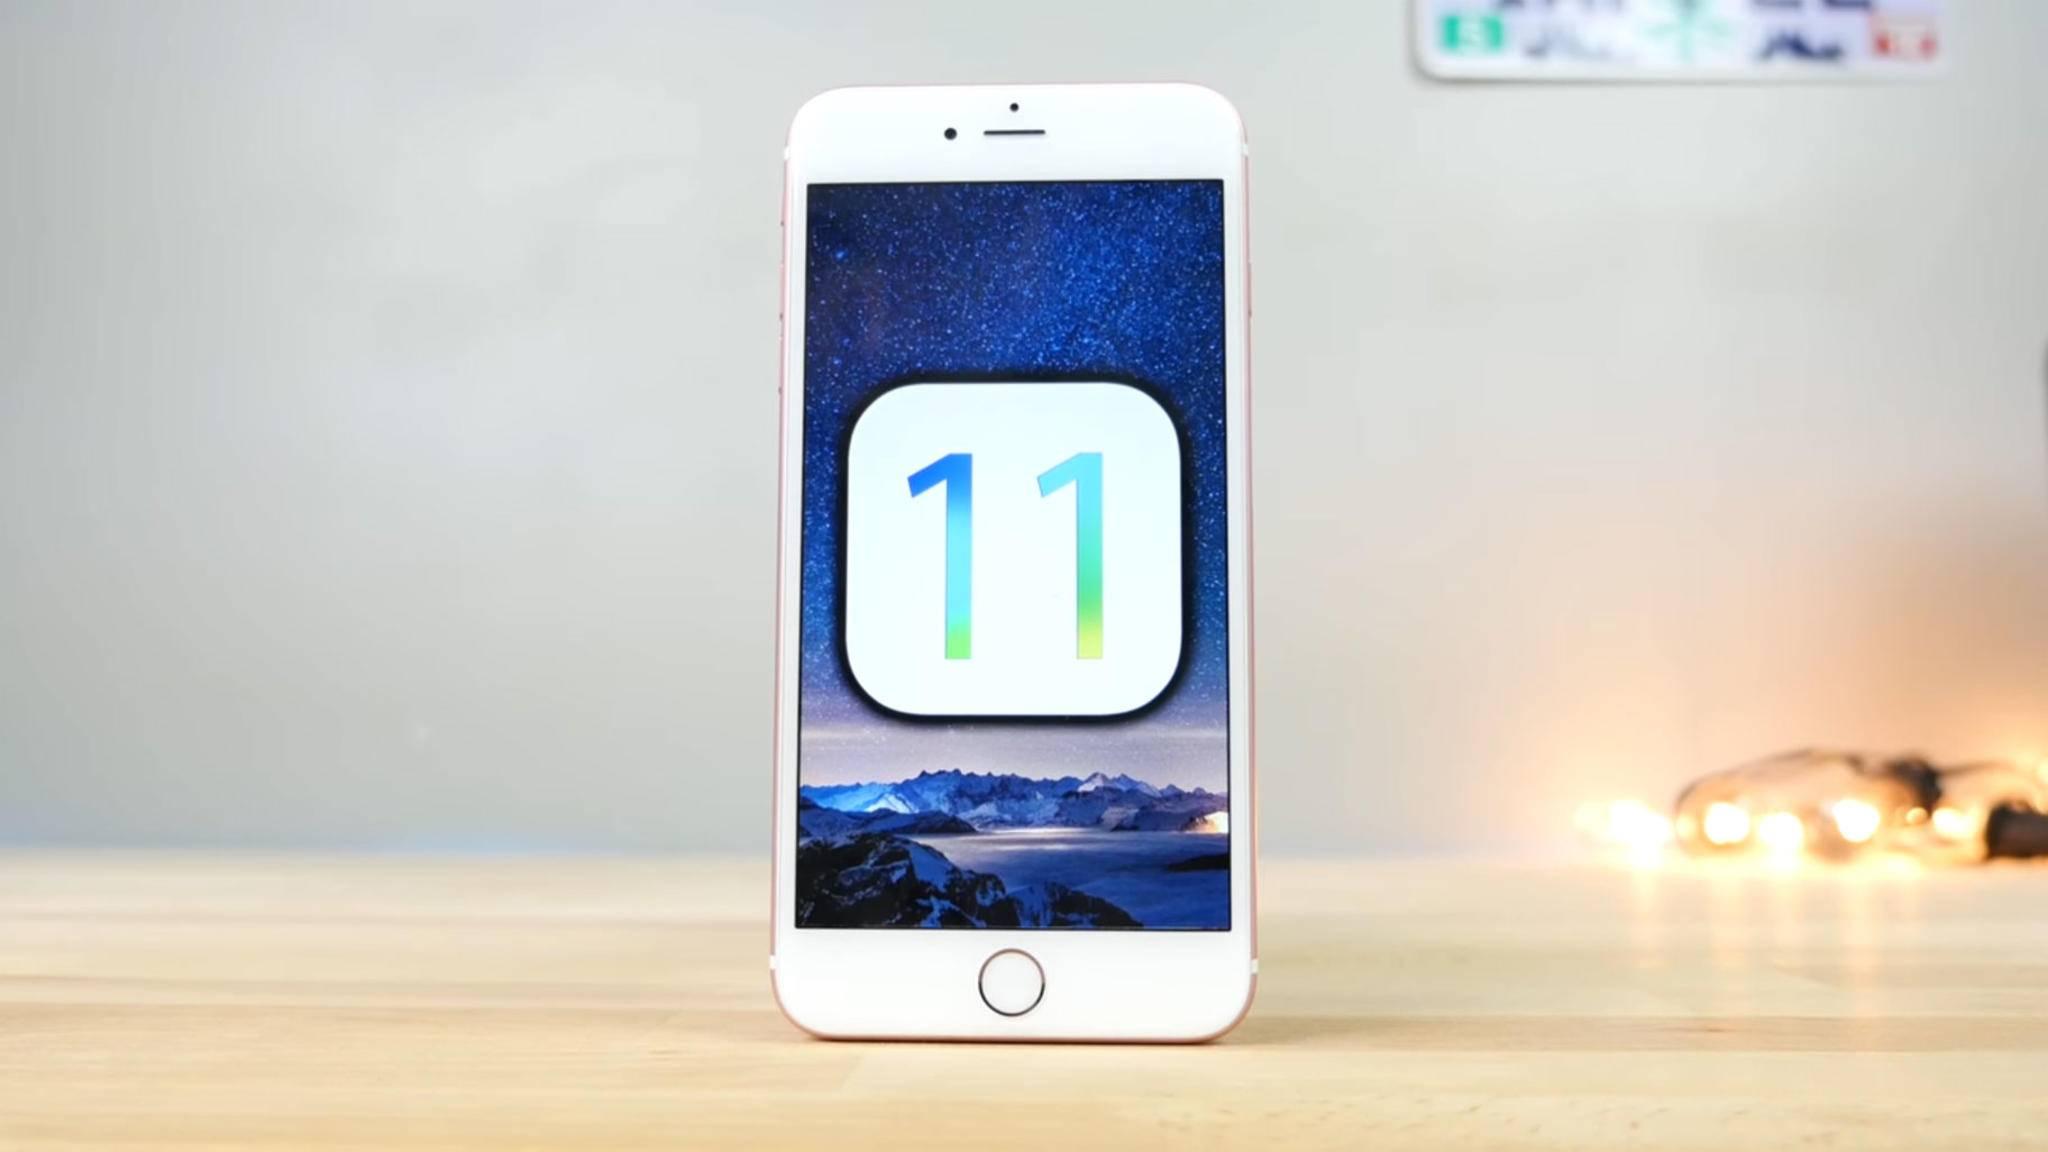 iOS 11 dürfte nicht mehr auf dem iPhone 5 und iPhone 5c laufen.